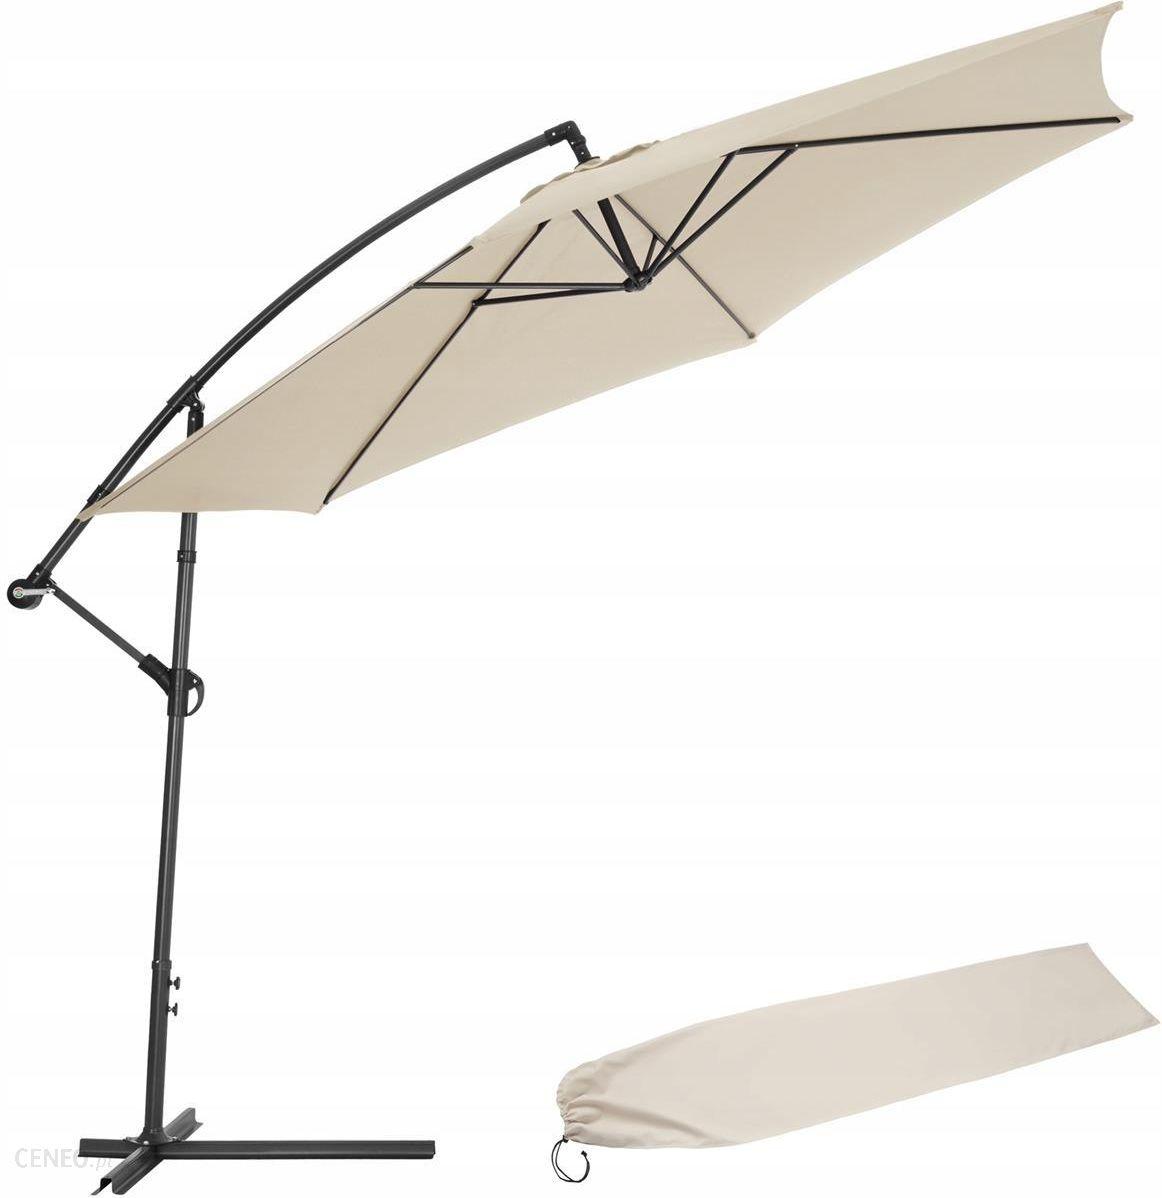 Parasol Ogrodowy Parasol Ogrodowy Na Wysiegniku 3 5 M Bezowy 400622 Ceny I Opinie Ceneo Pl